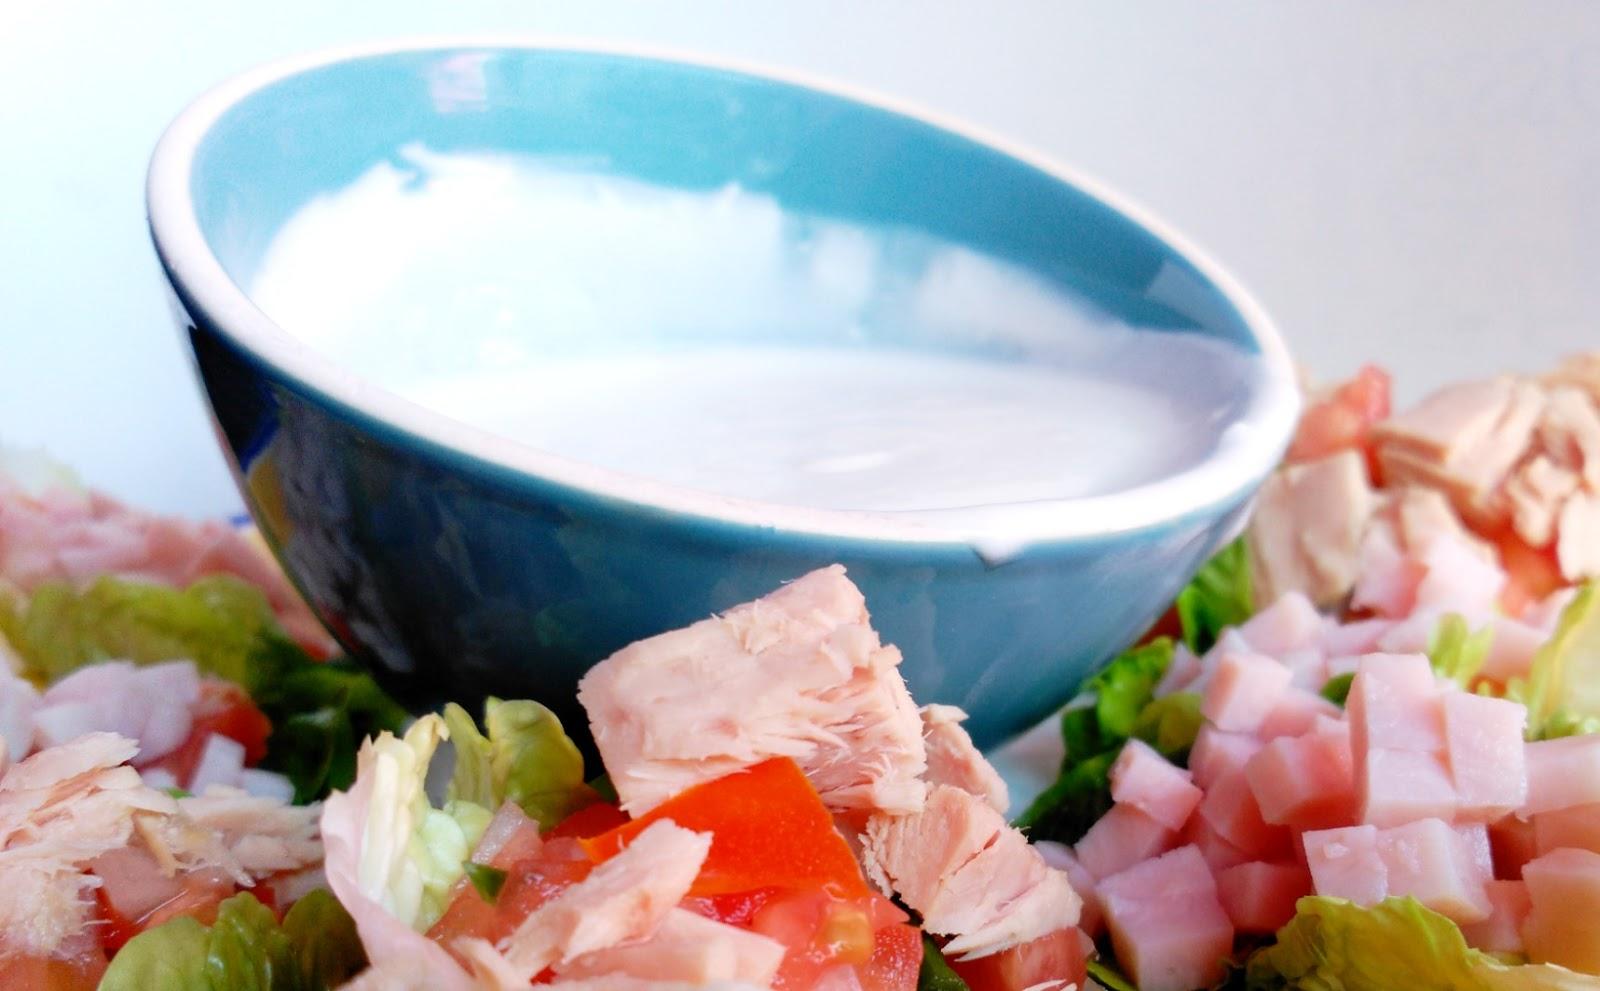 Salsa De Yogurt Baja En Calor As Recetas Fitness F Ciles Recetas  ~ Recetas Faciles Y Bajas En Calorias